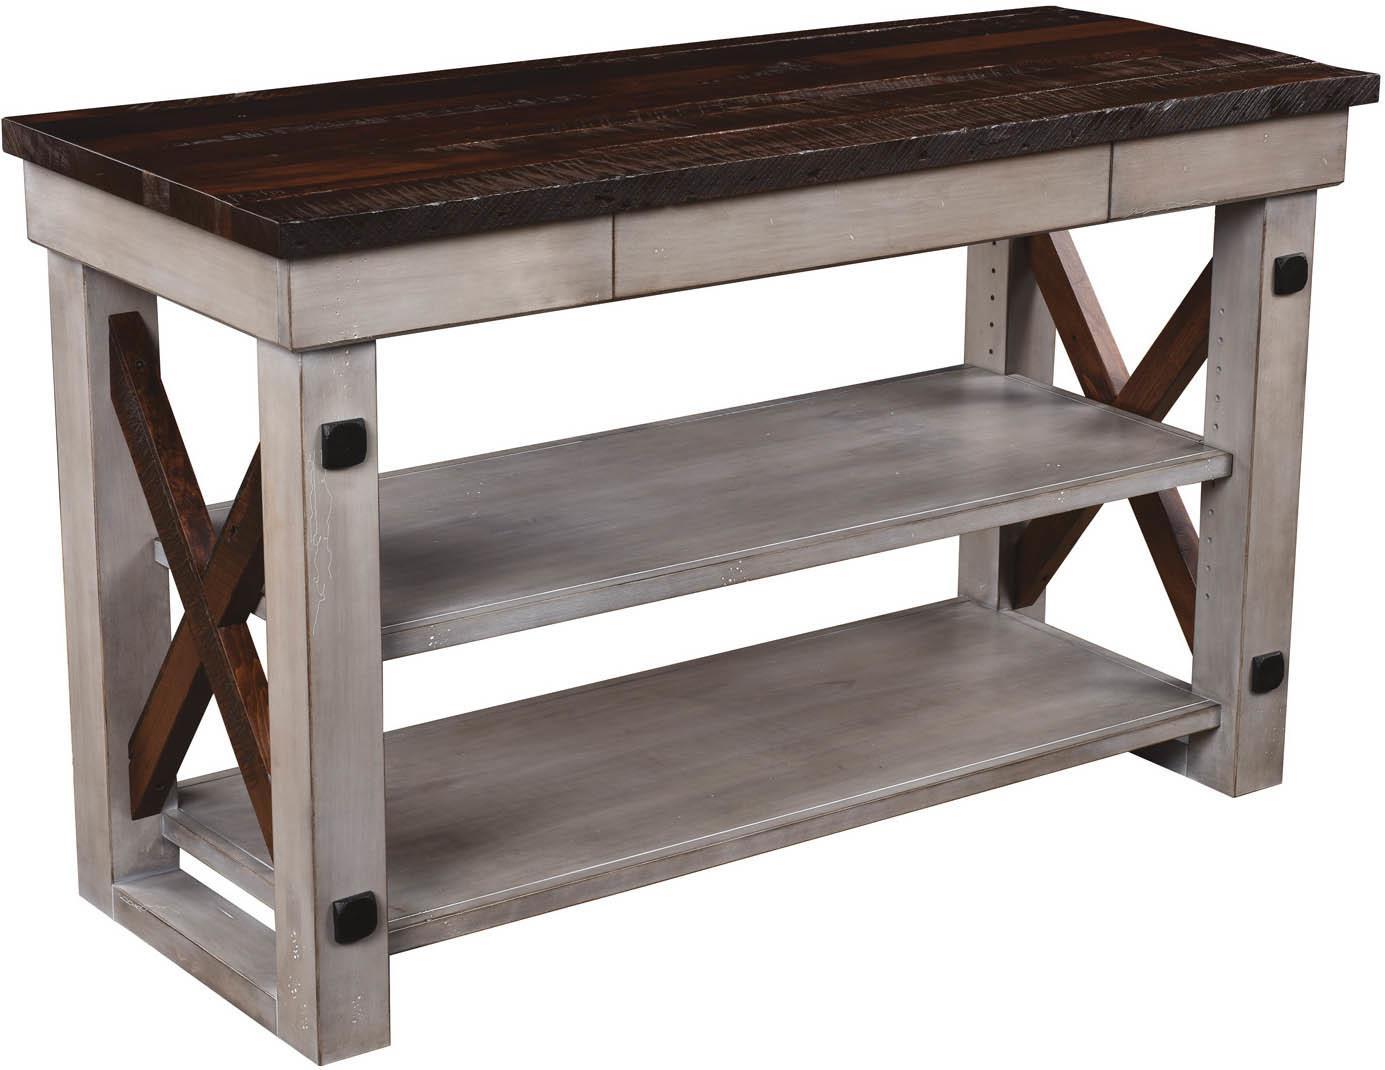 Deco River Console Table